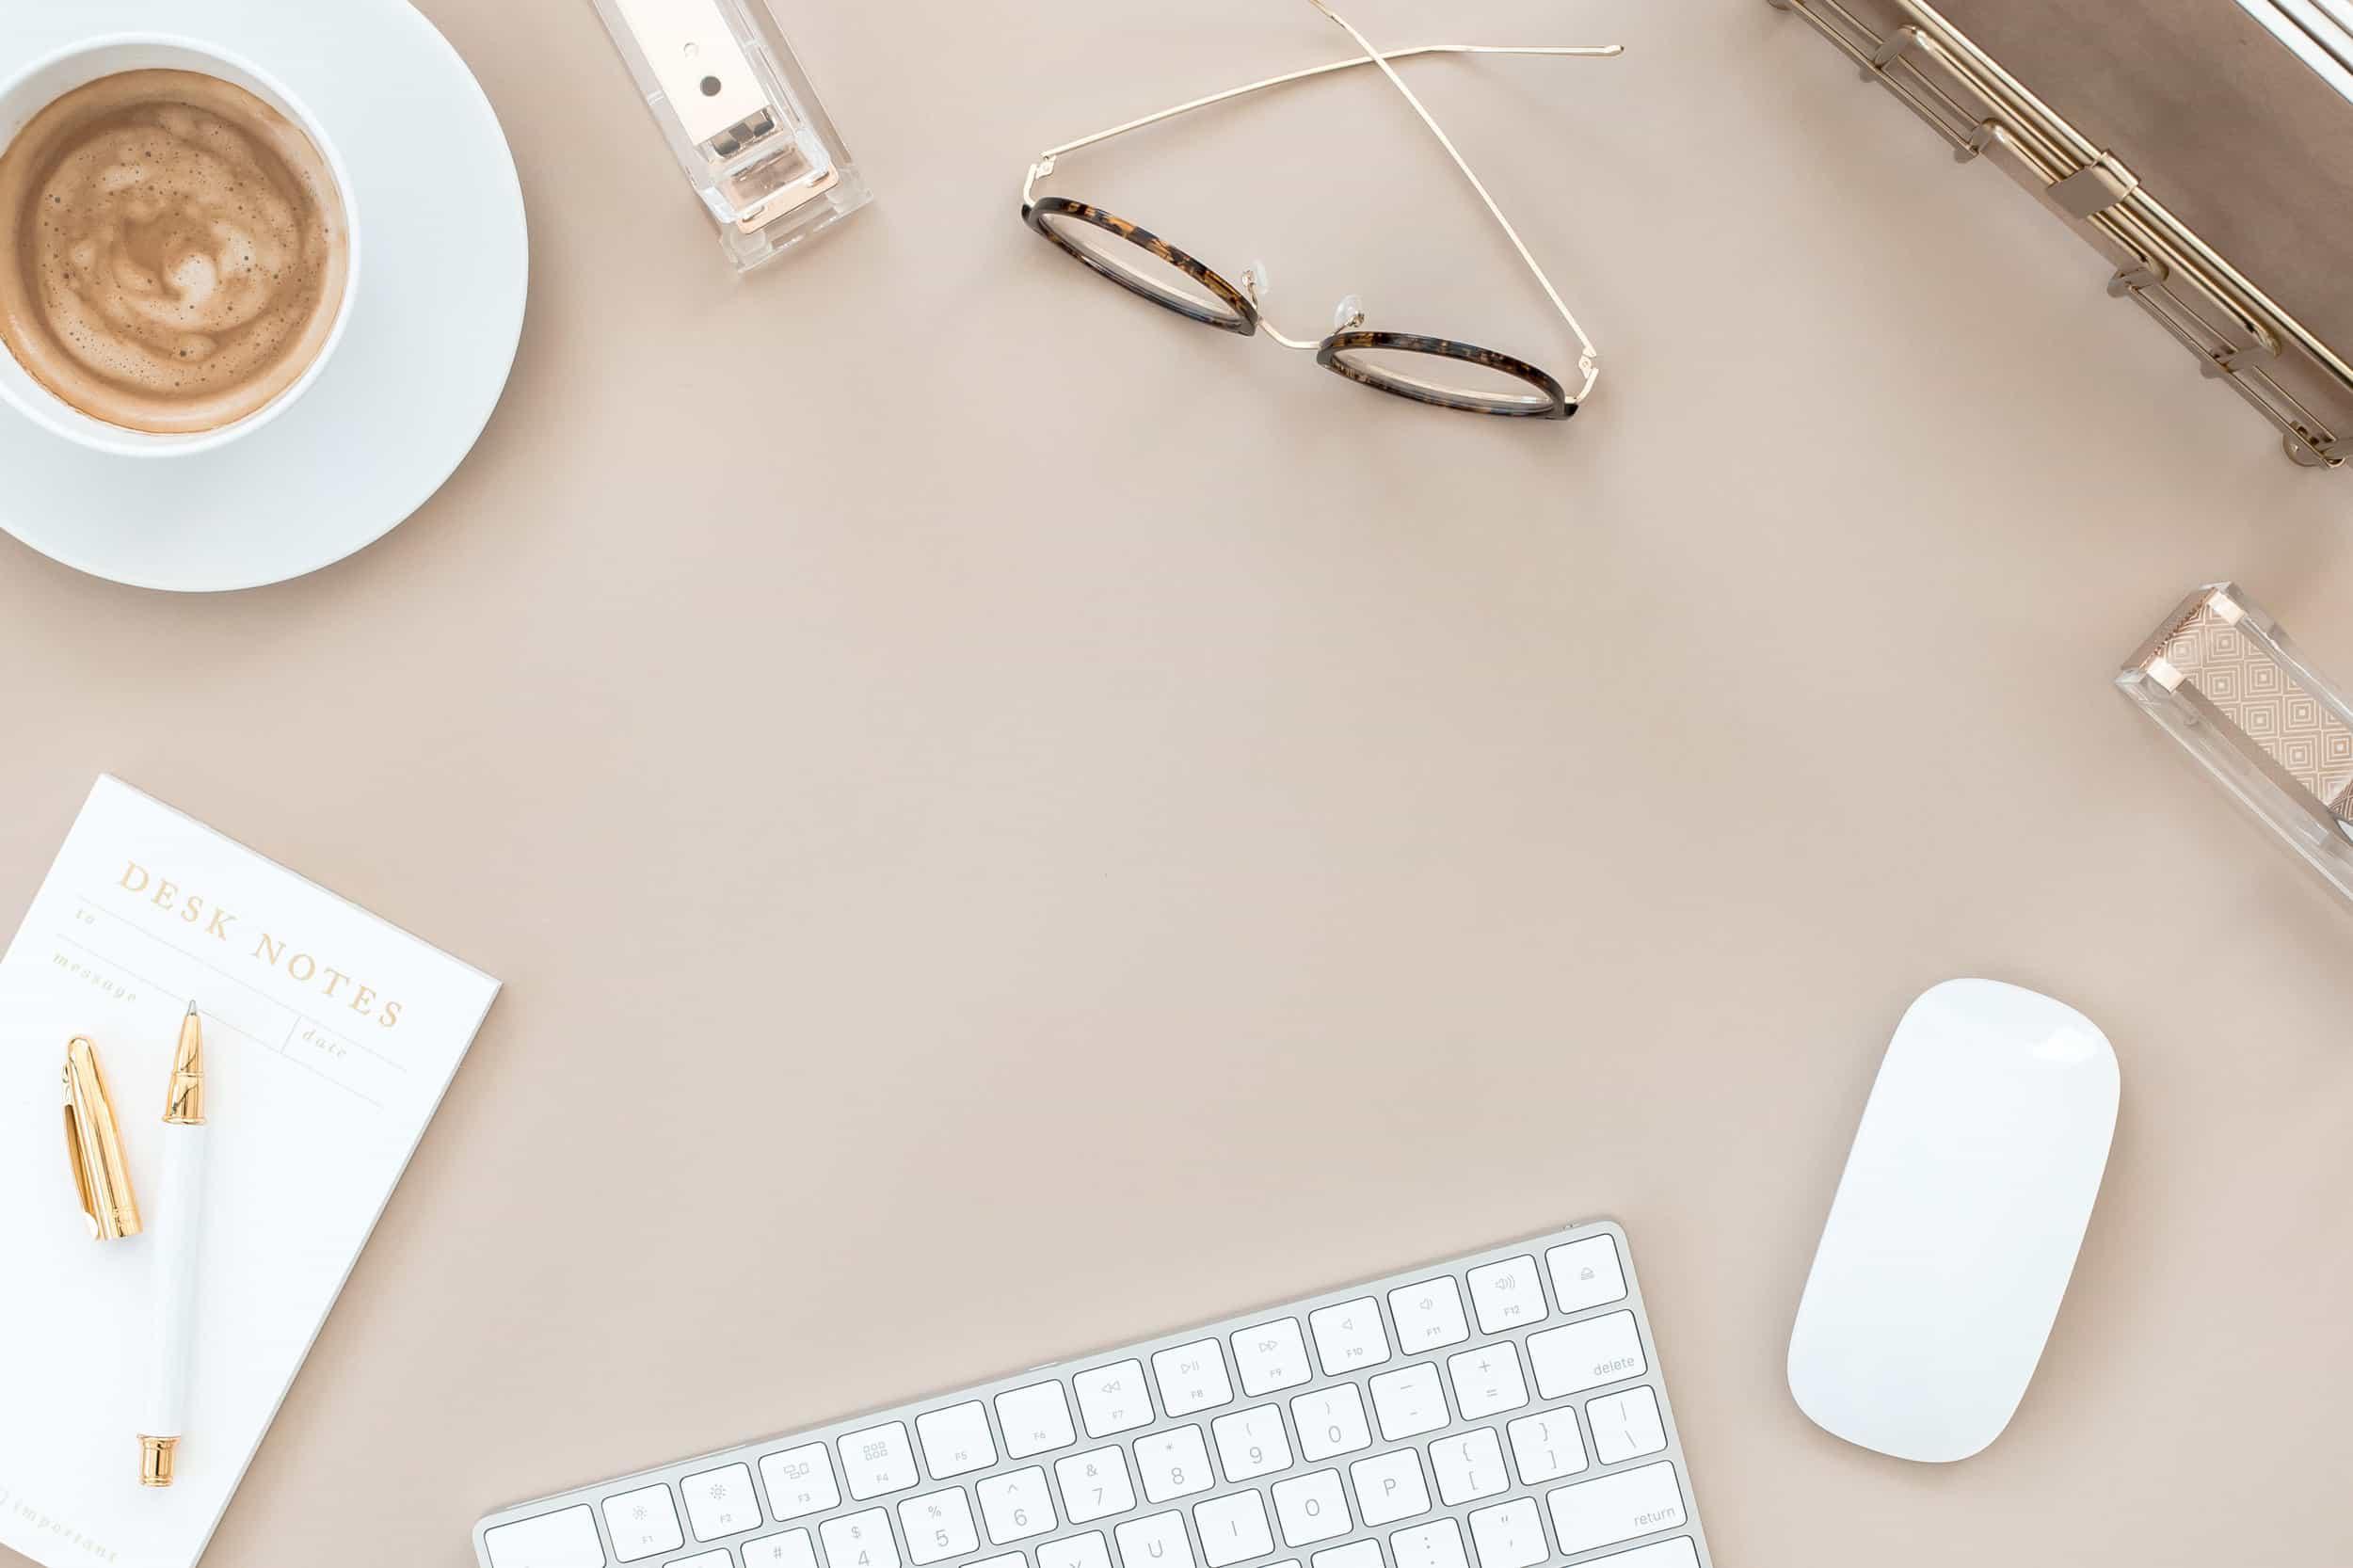 webdesign groningen haren, cassistent cassandra pater website laten maken voor ondernemende vrouwen